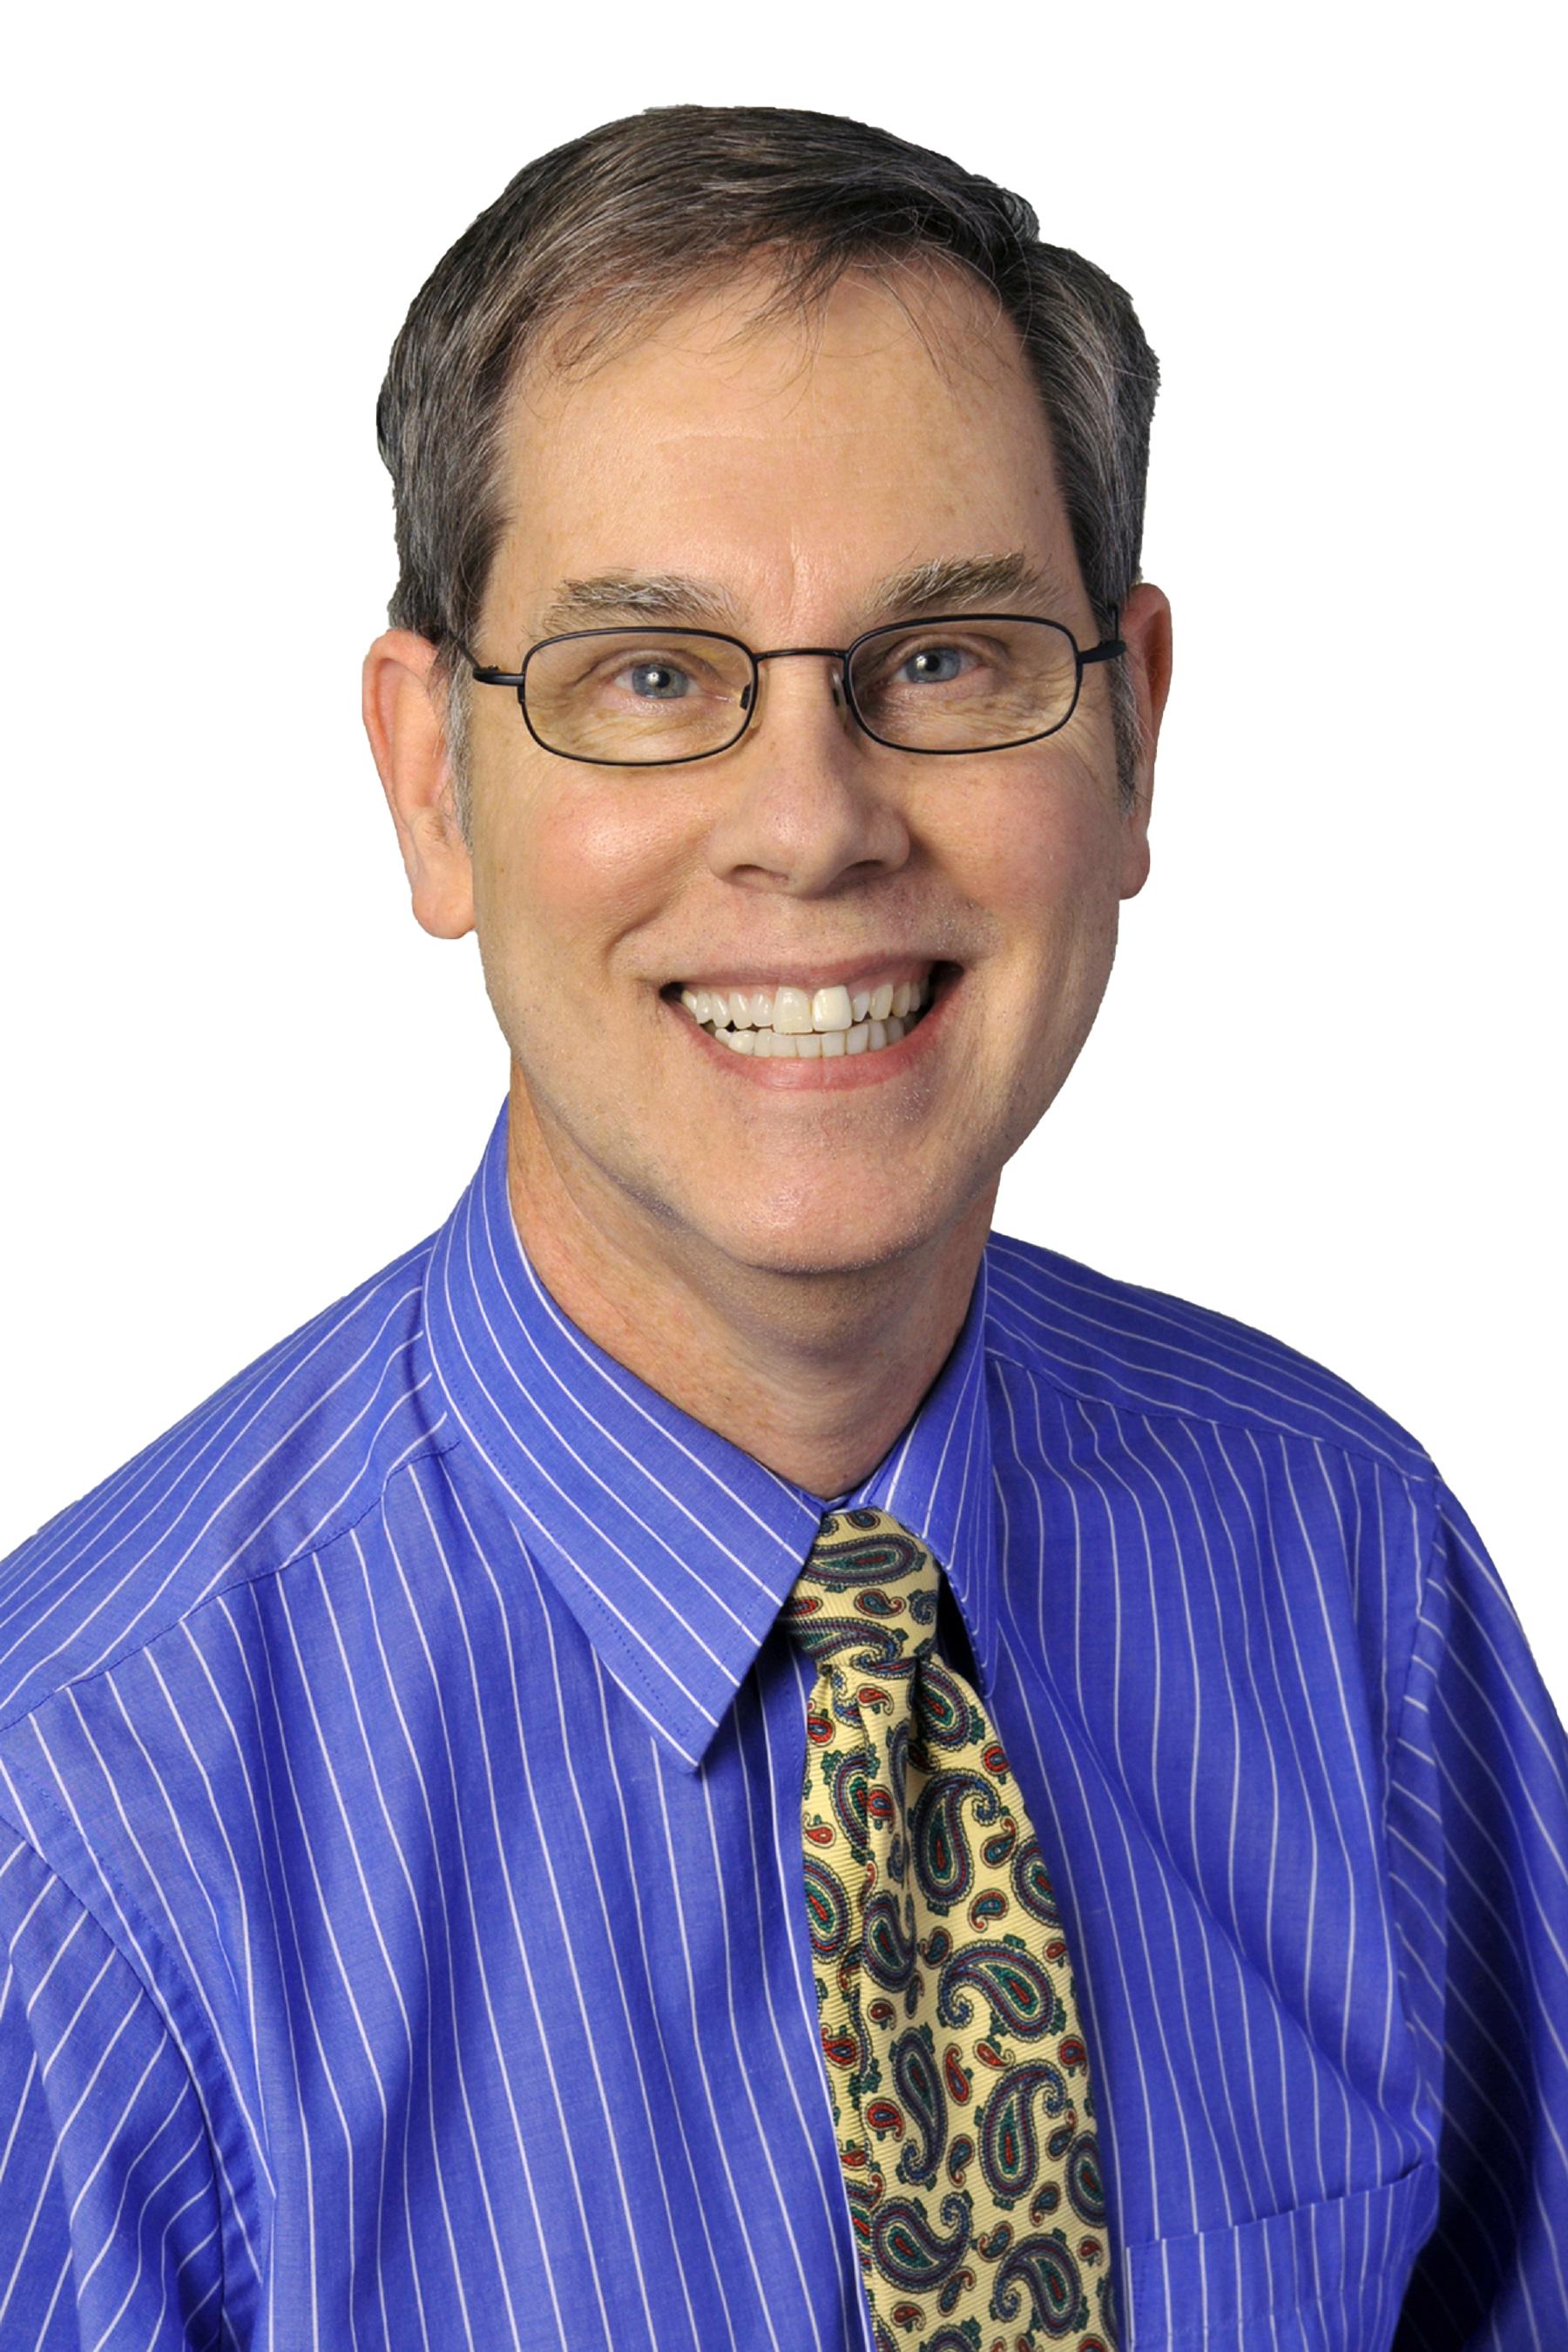 Image of Dr. Craig Peine